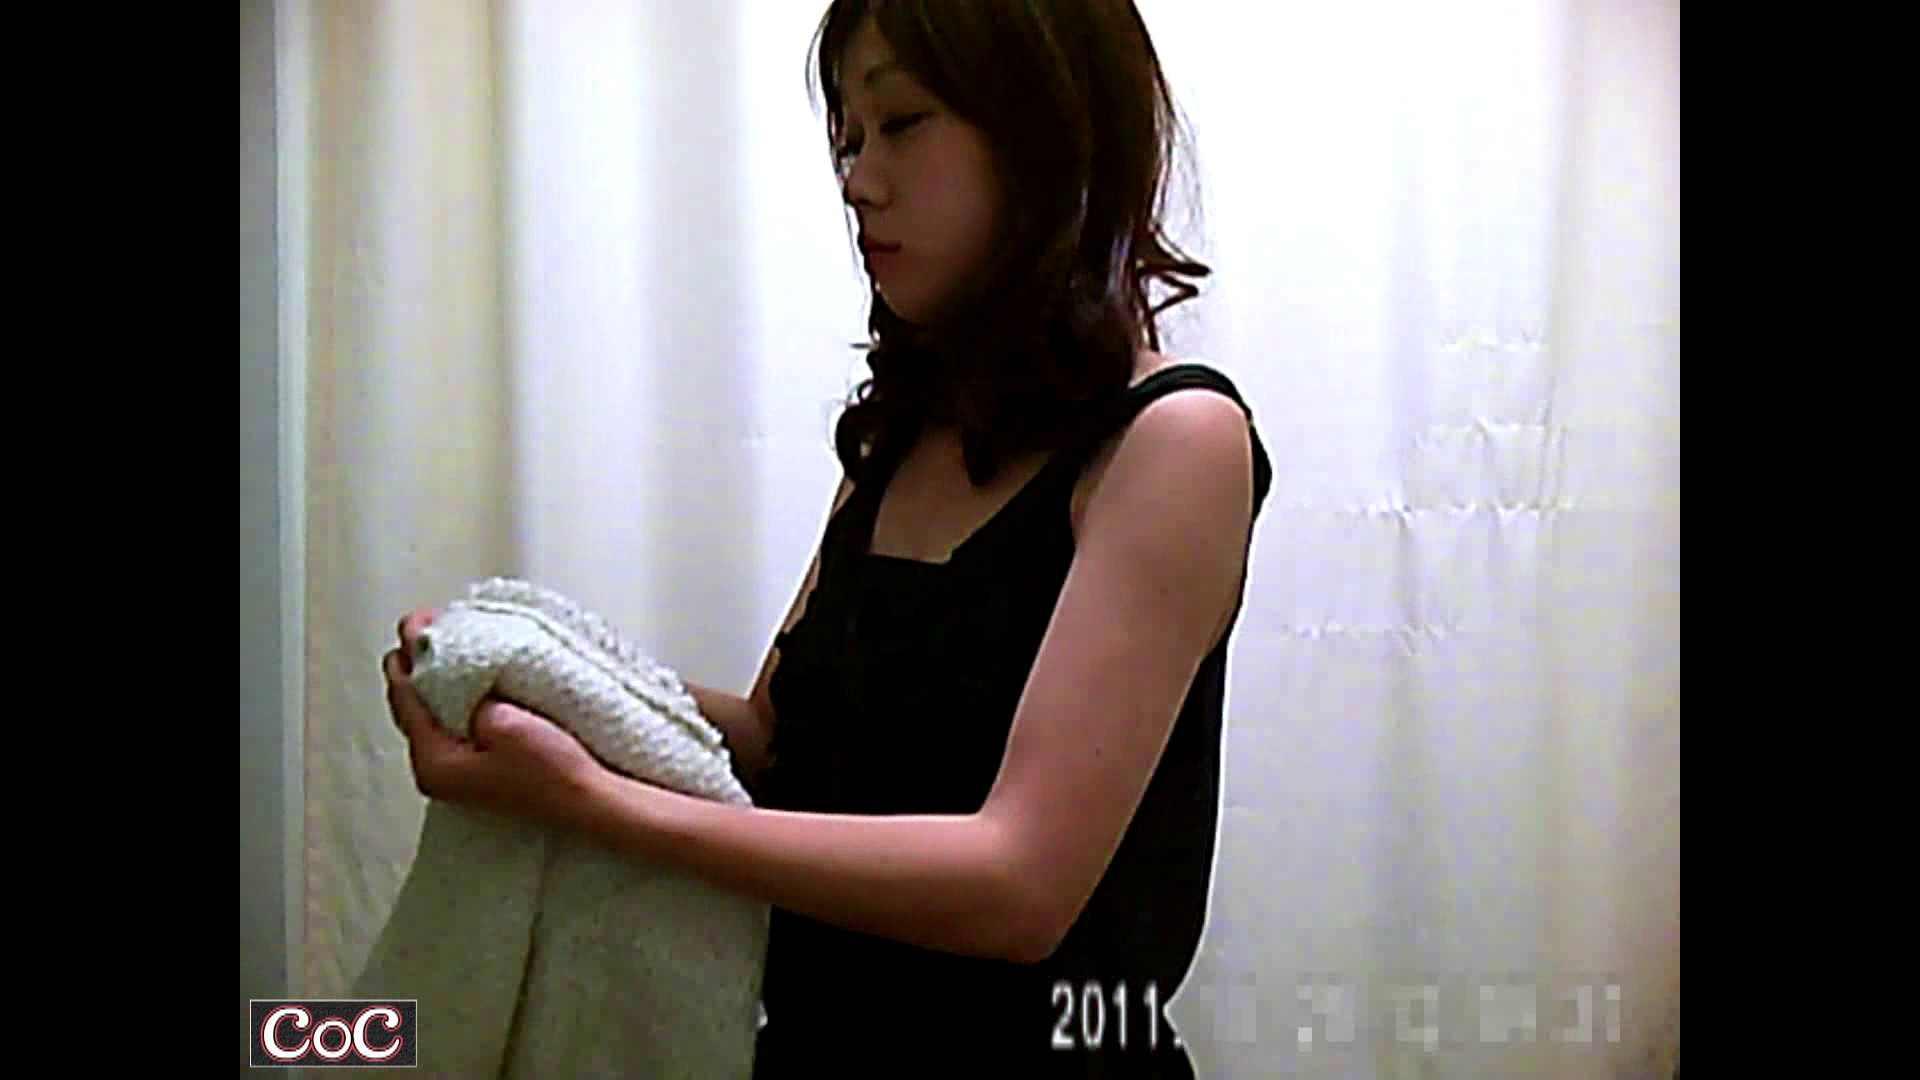 病院おもいっきり着替え! vol.75 OLの実態 盗撮われめAV動画紹介 55pic 9